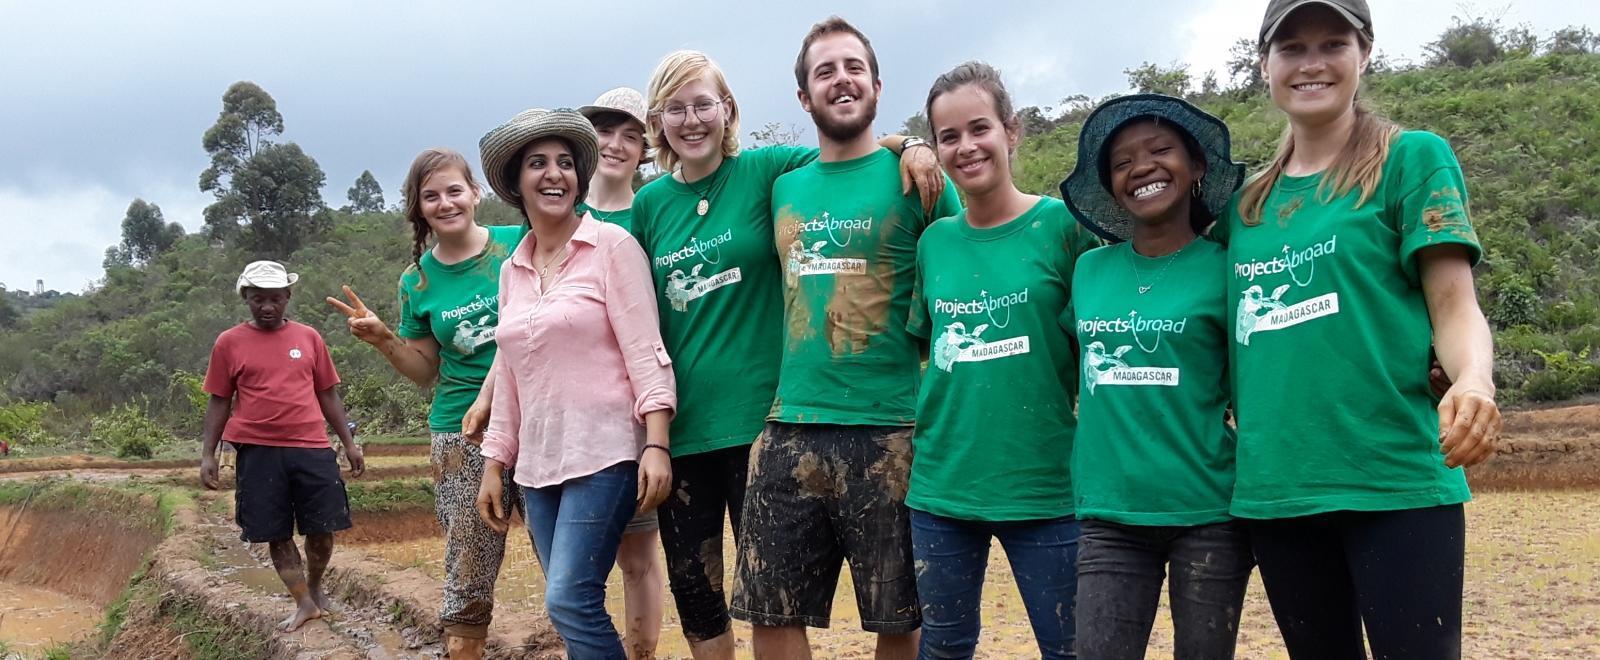 Voluntarios recién graduados en una pausa de su voluntariado en Madagascar.